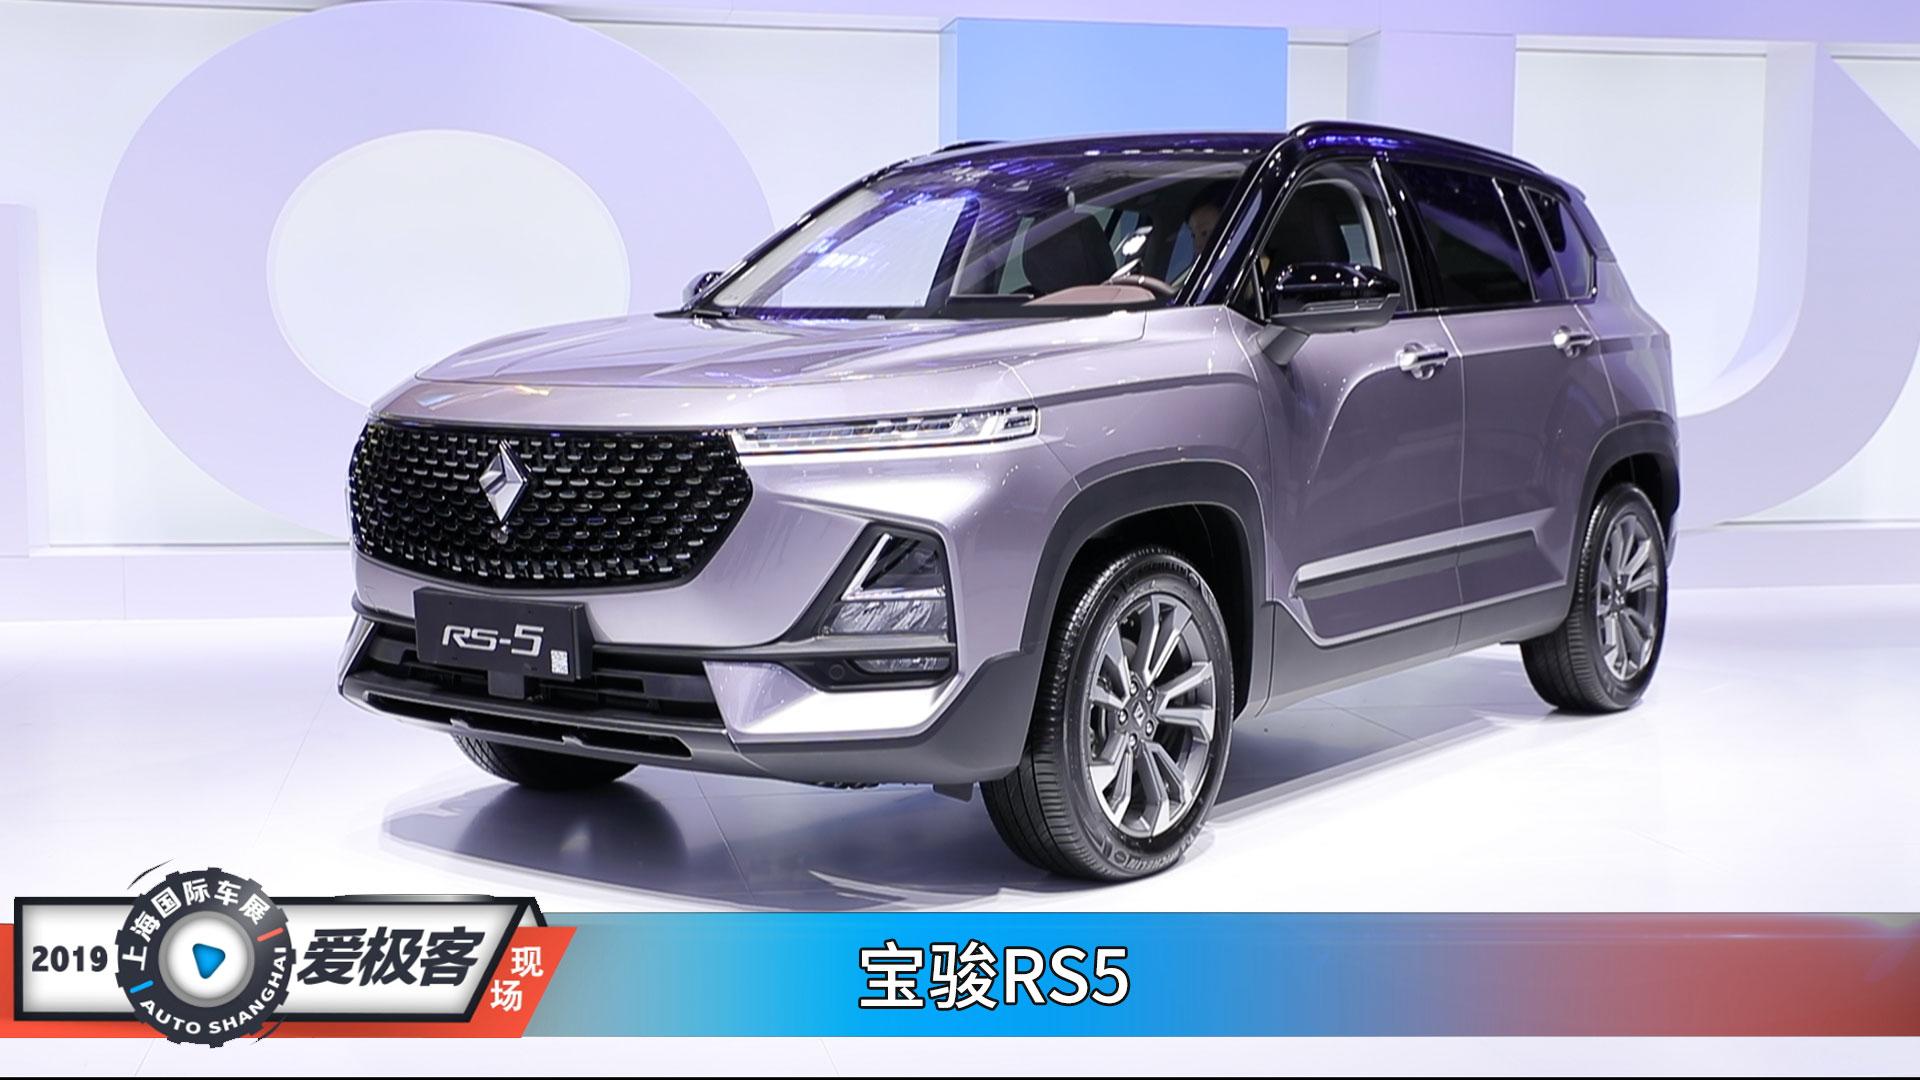 2019上海车展 这是你认识的宝骏嘛 宝骏RS-5